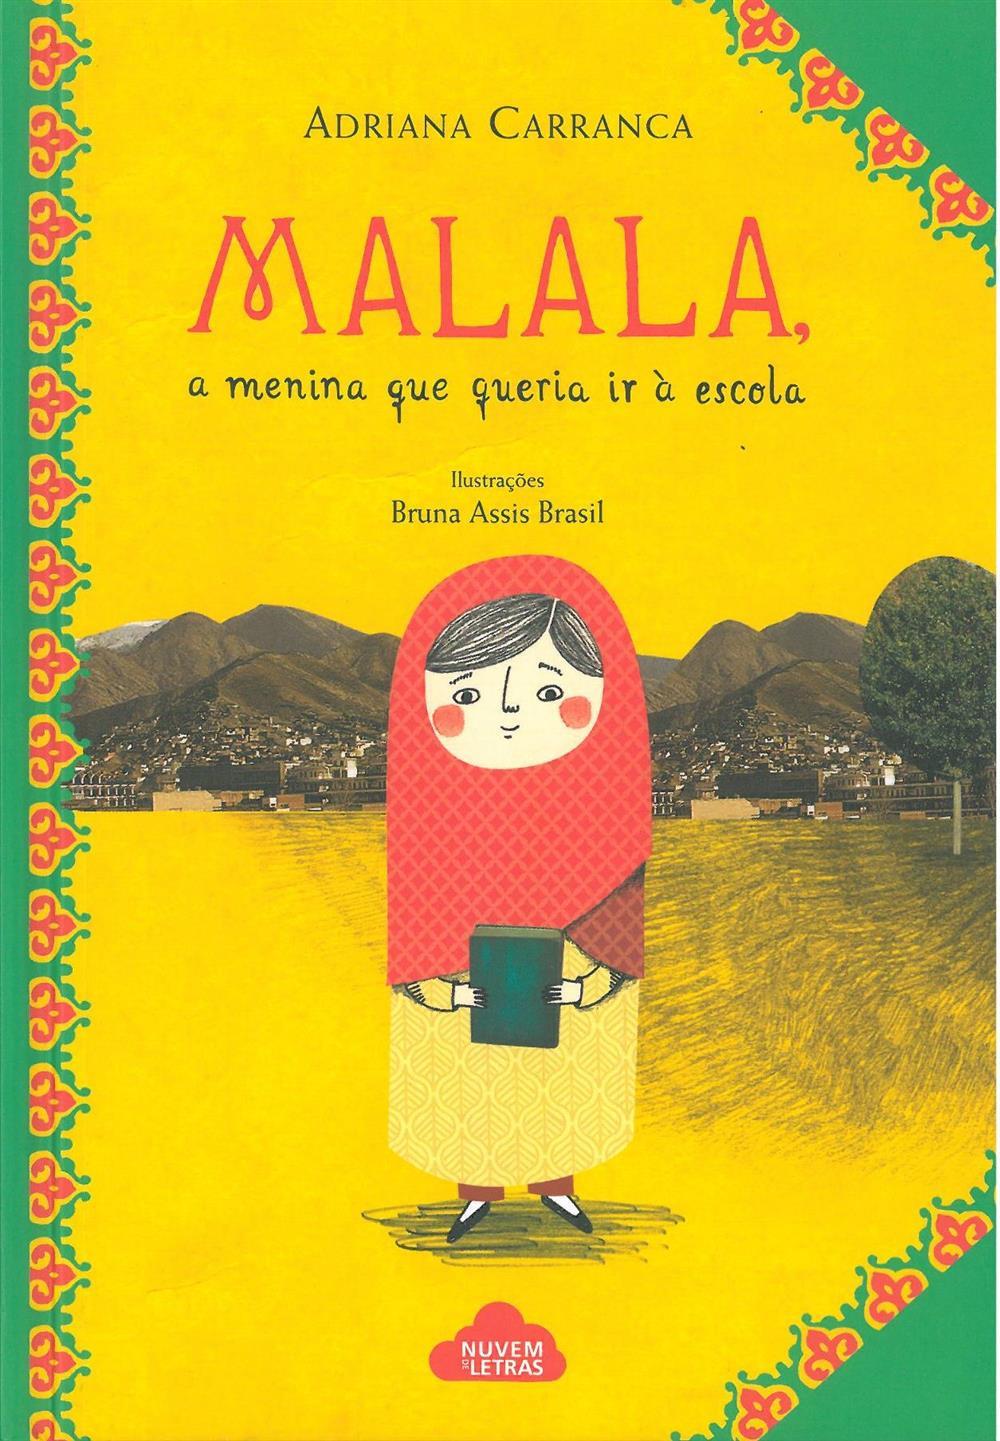 Malala, a menina que queria ir à escola_.jpg